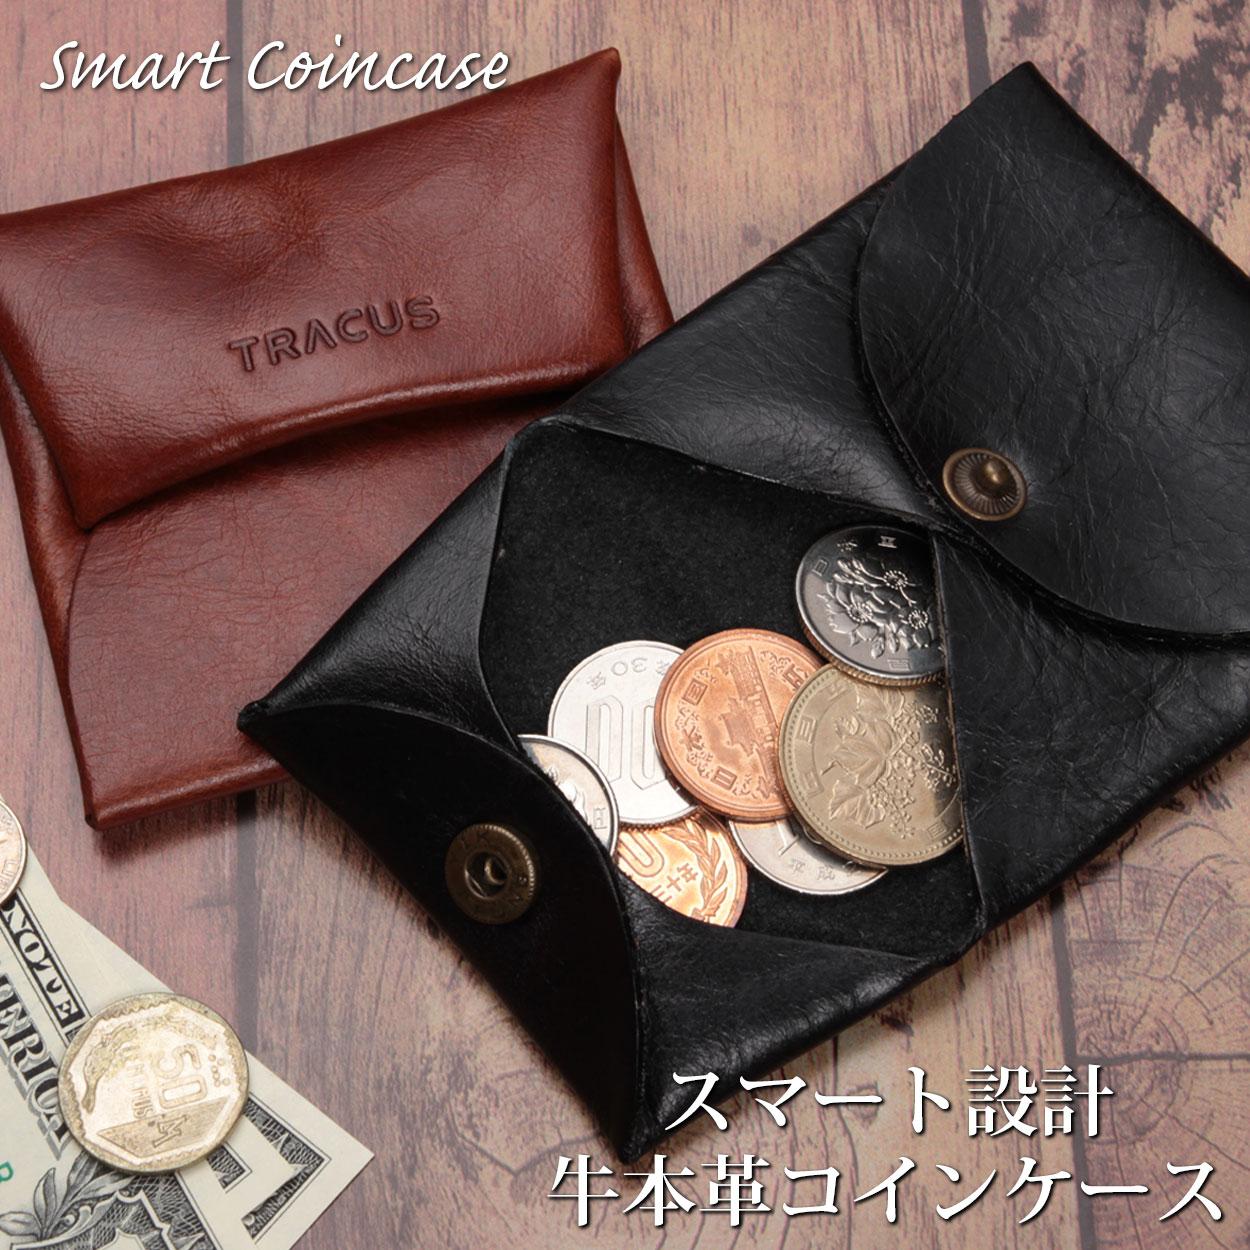 【TRACUS(トラッカス)】小銭入れ メンズ 本革 コインケース